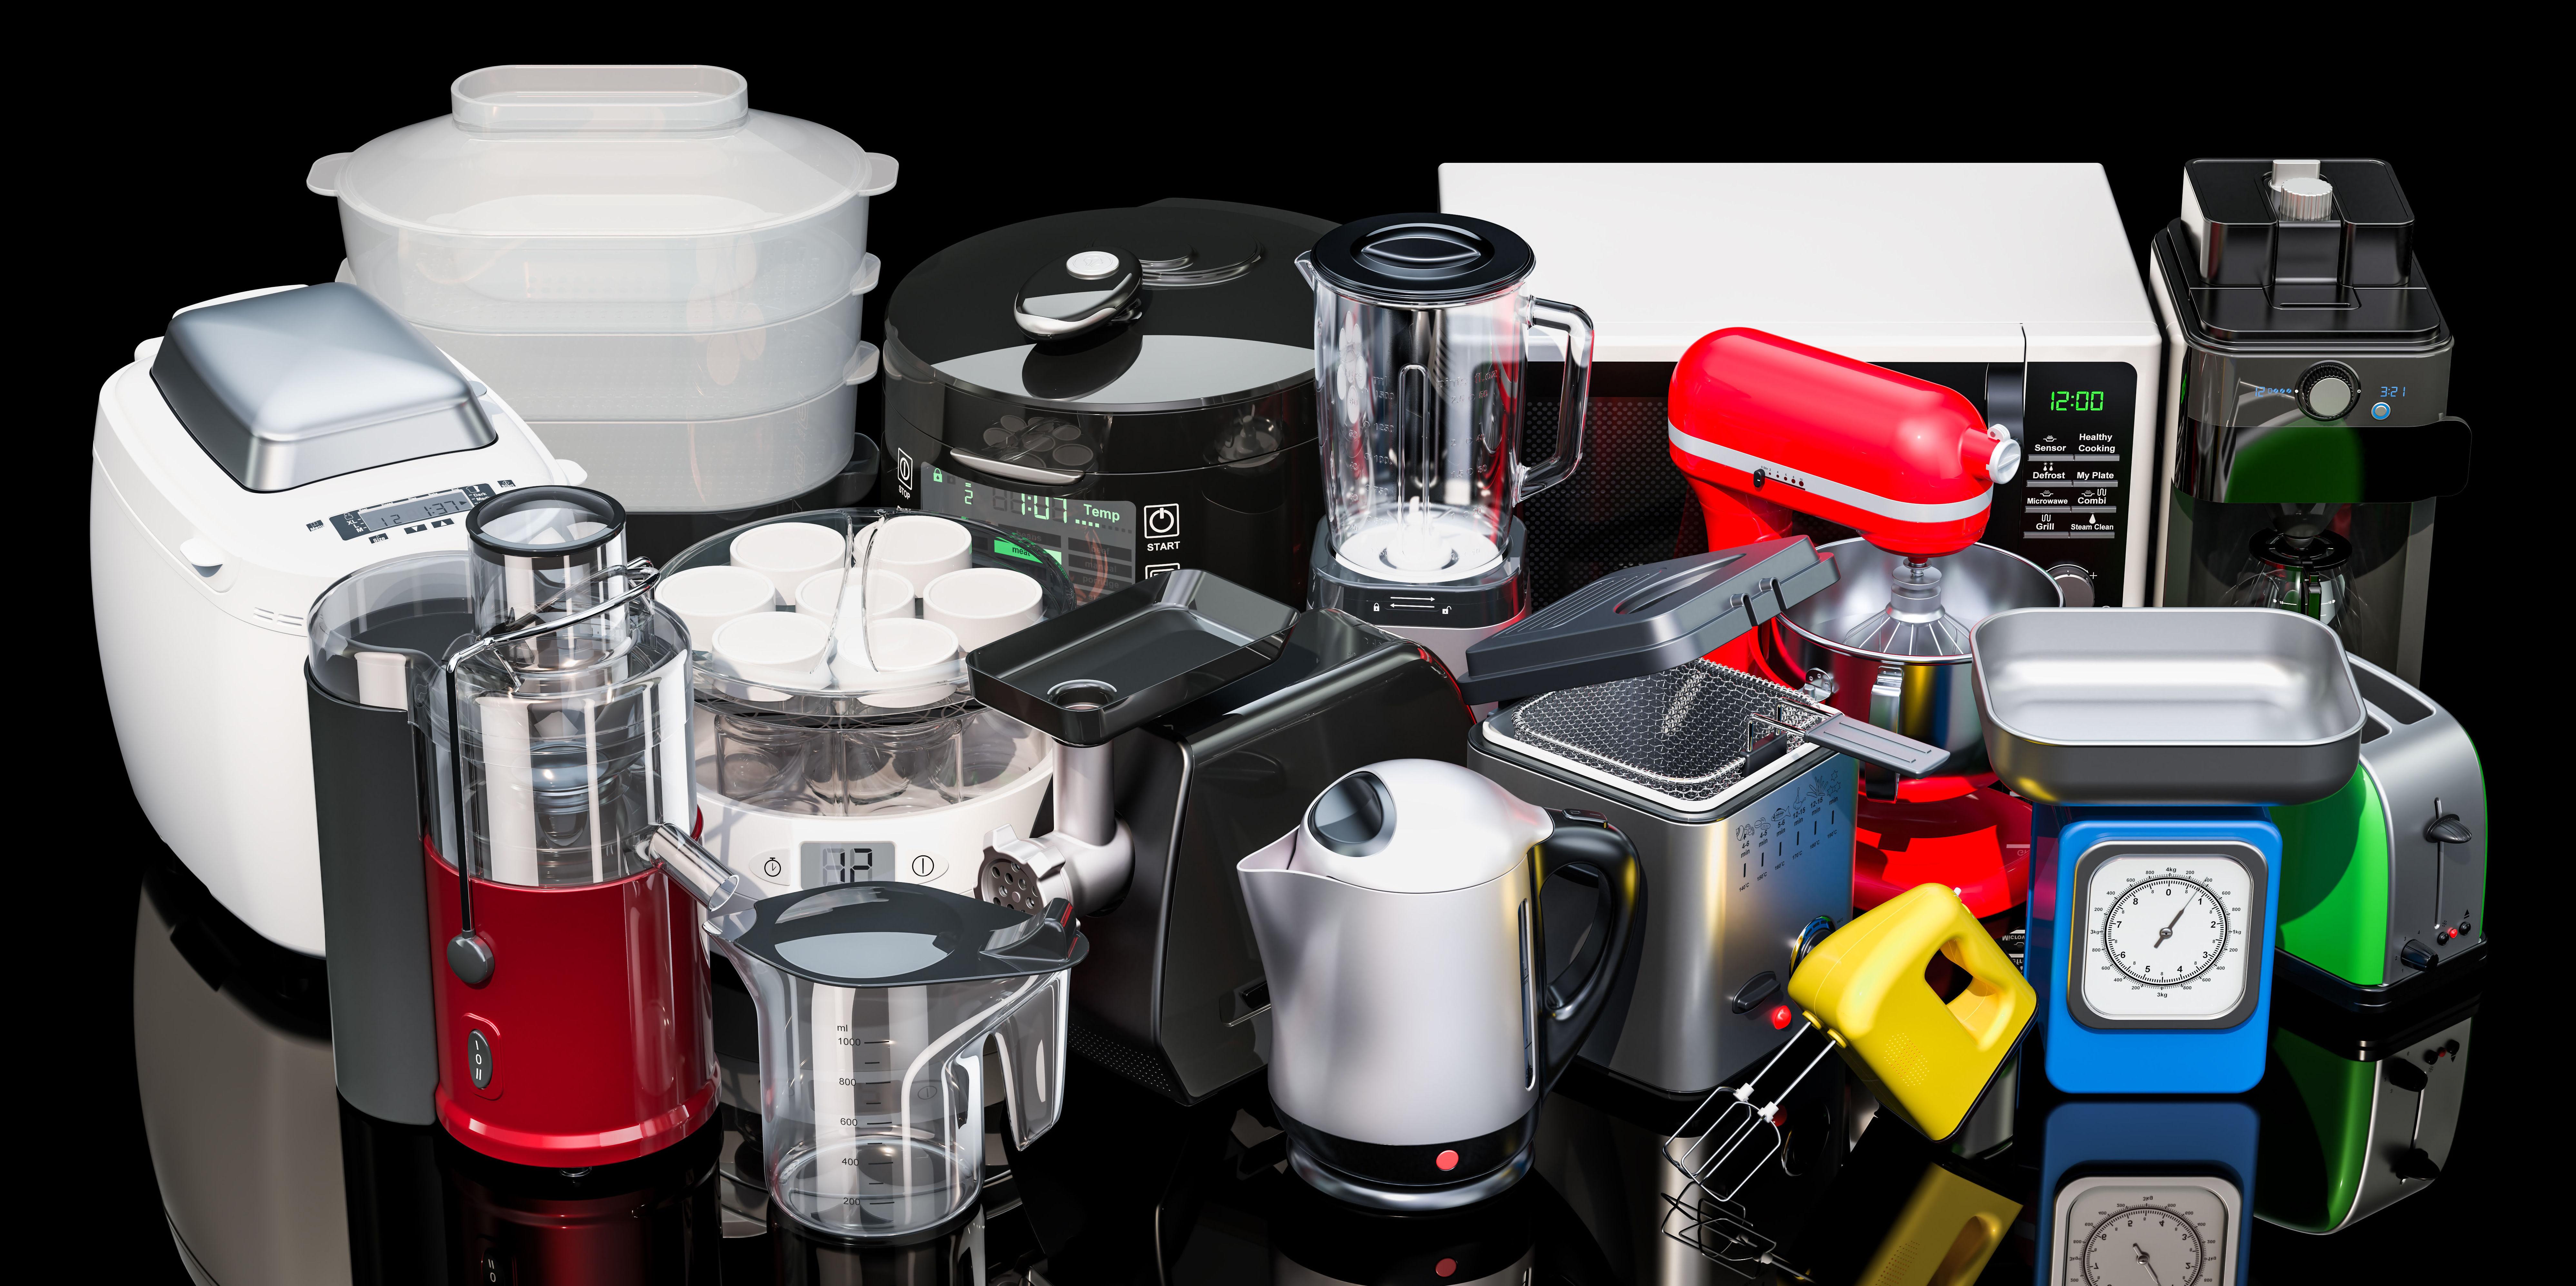 Electrodomésticos para la hogar